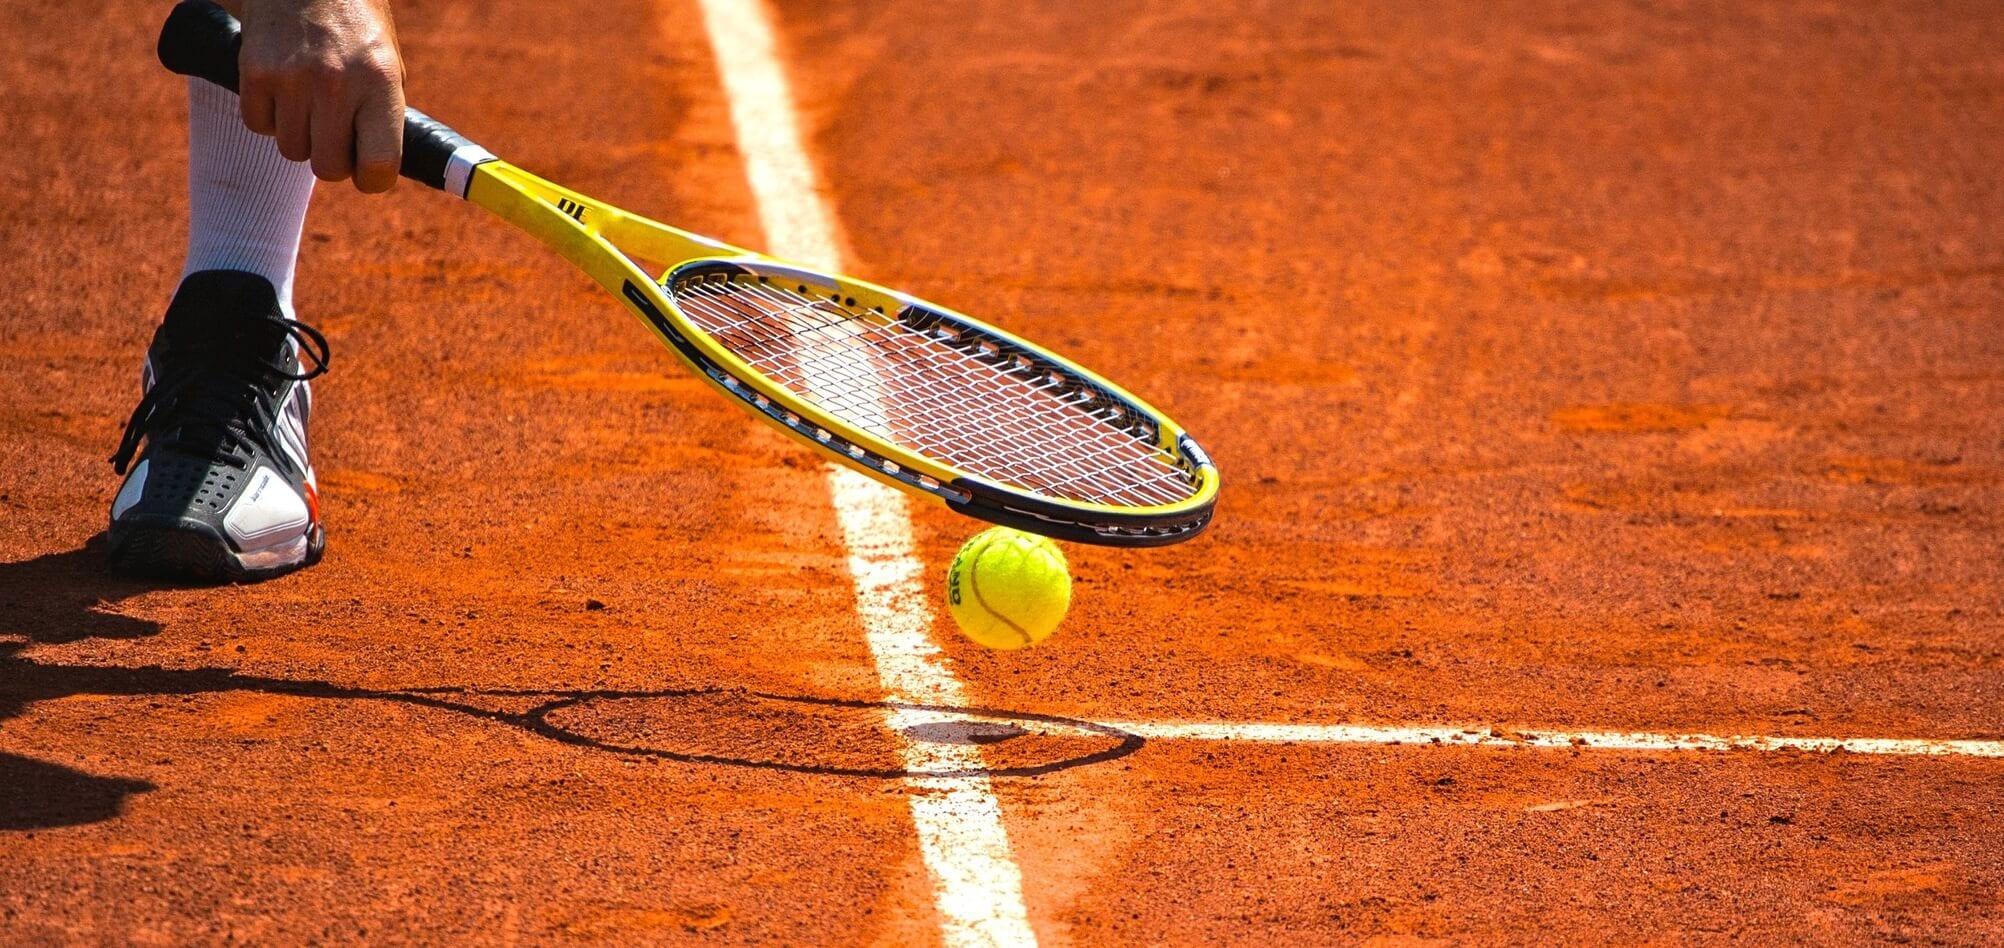 typy tenis by dawid